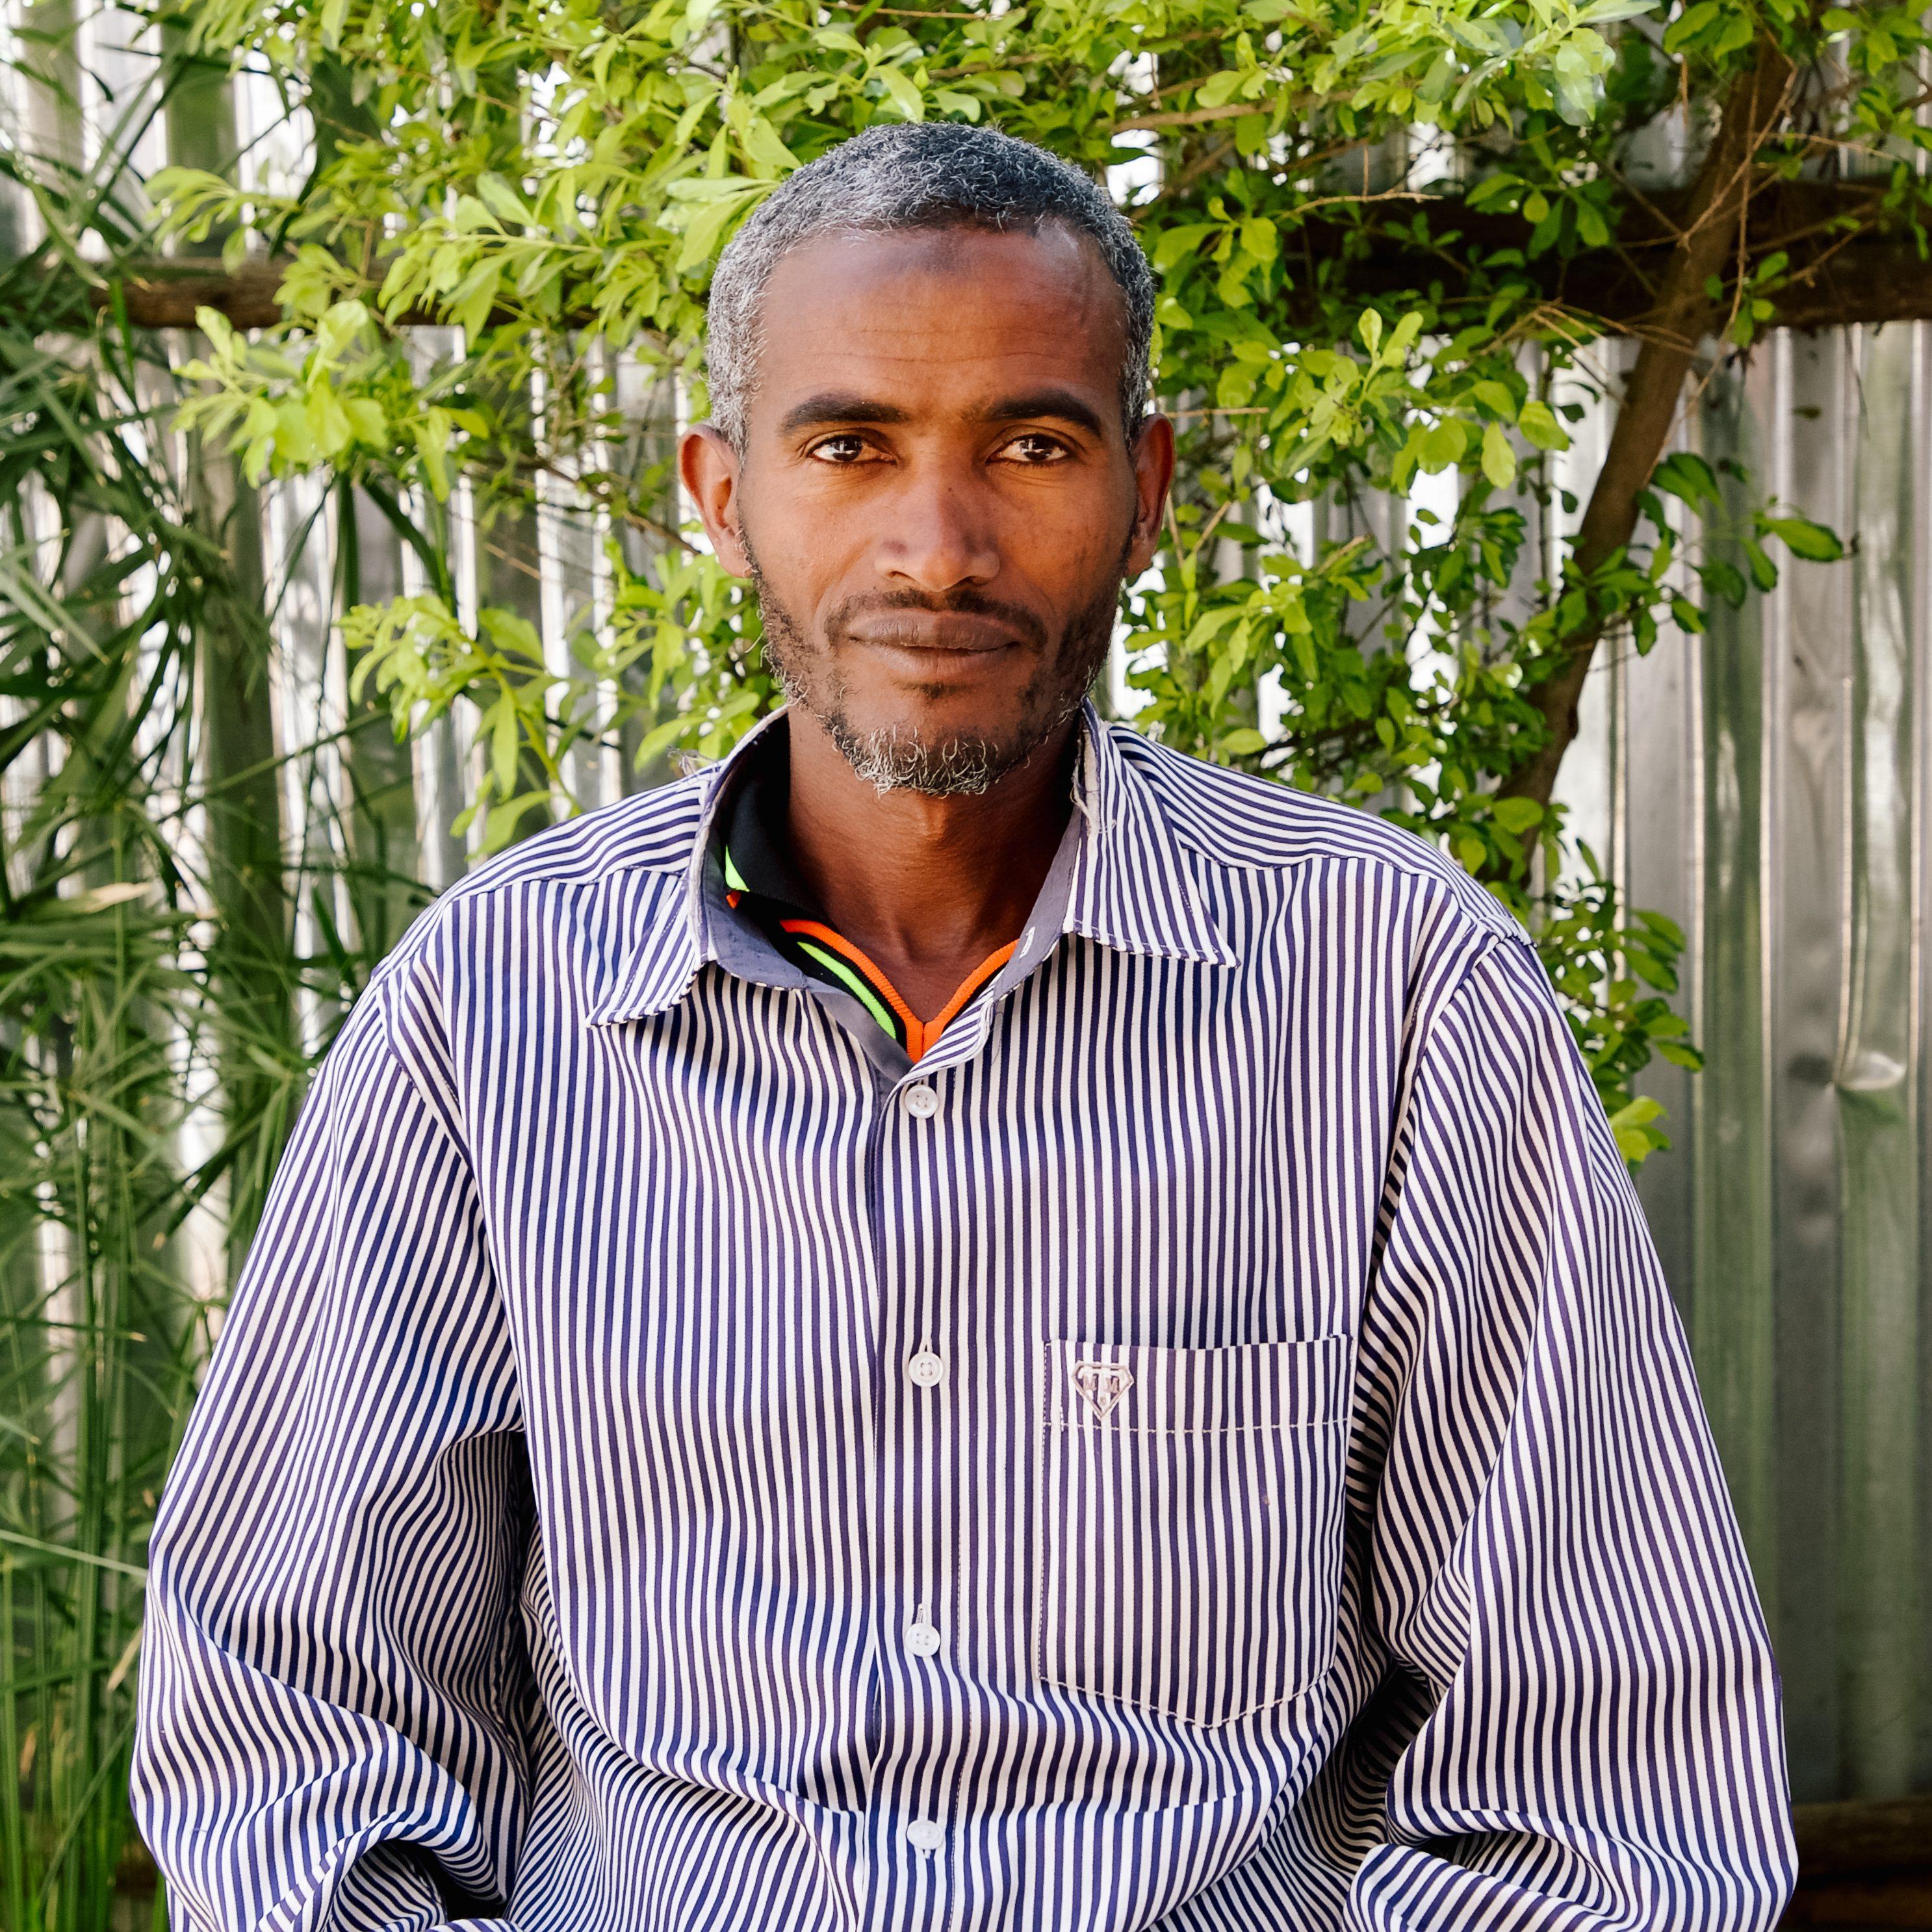 Fares Abdulmelik